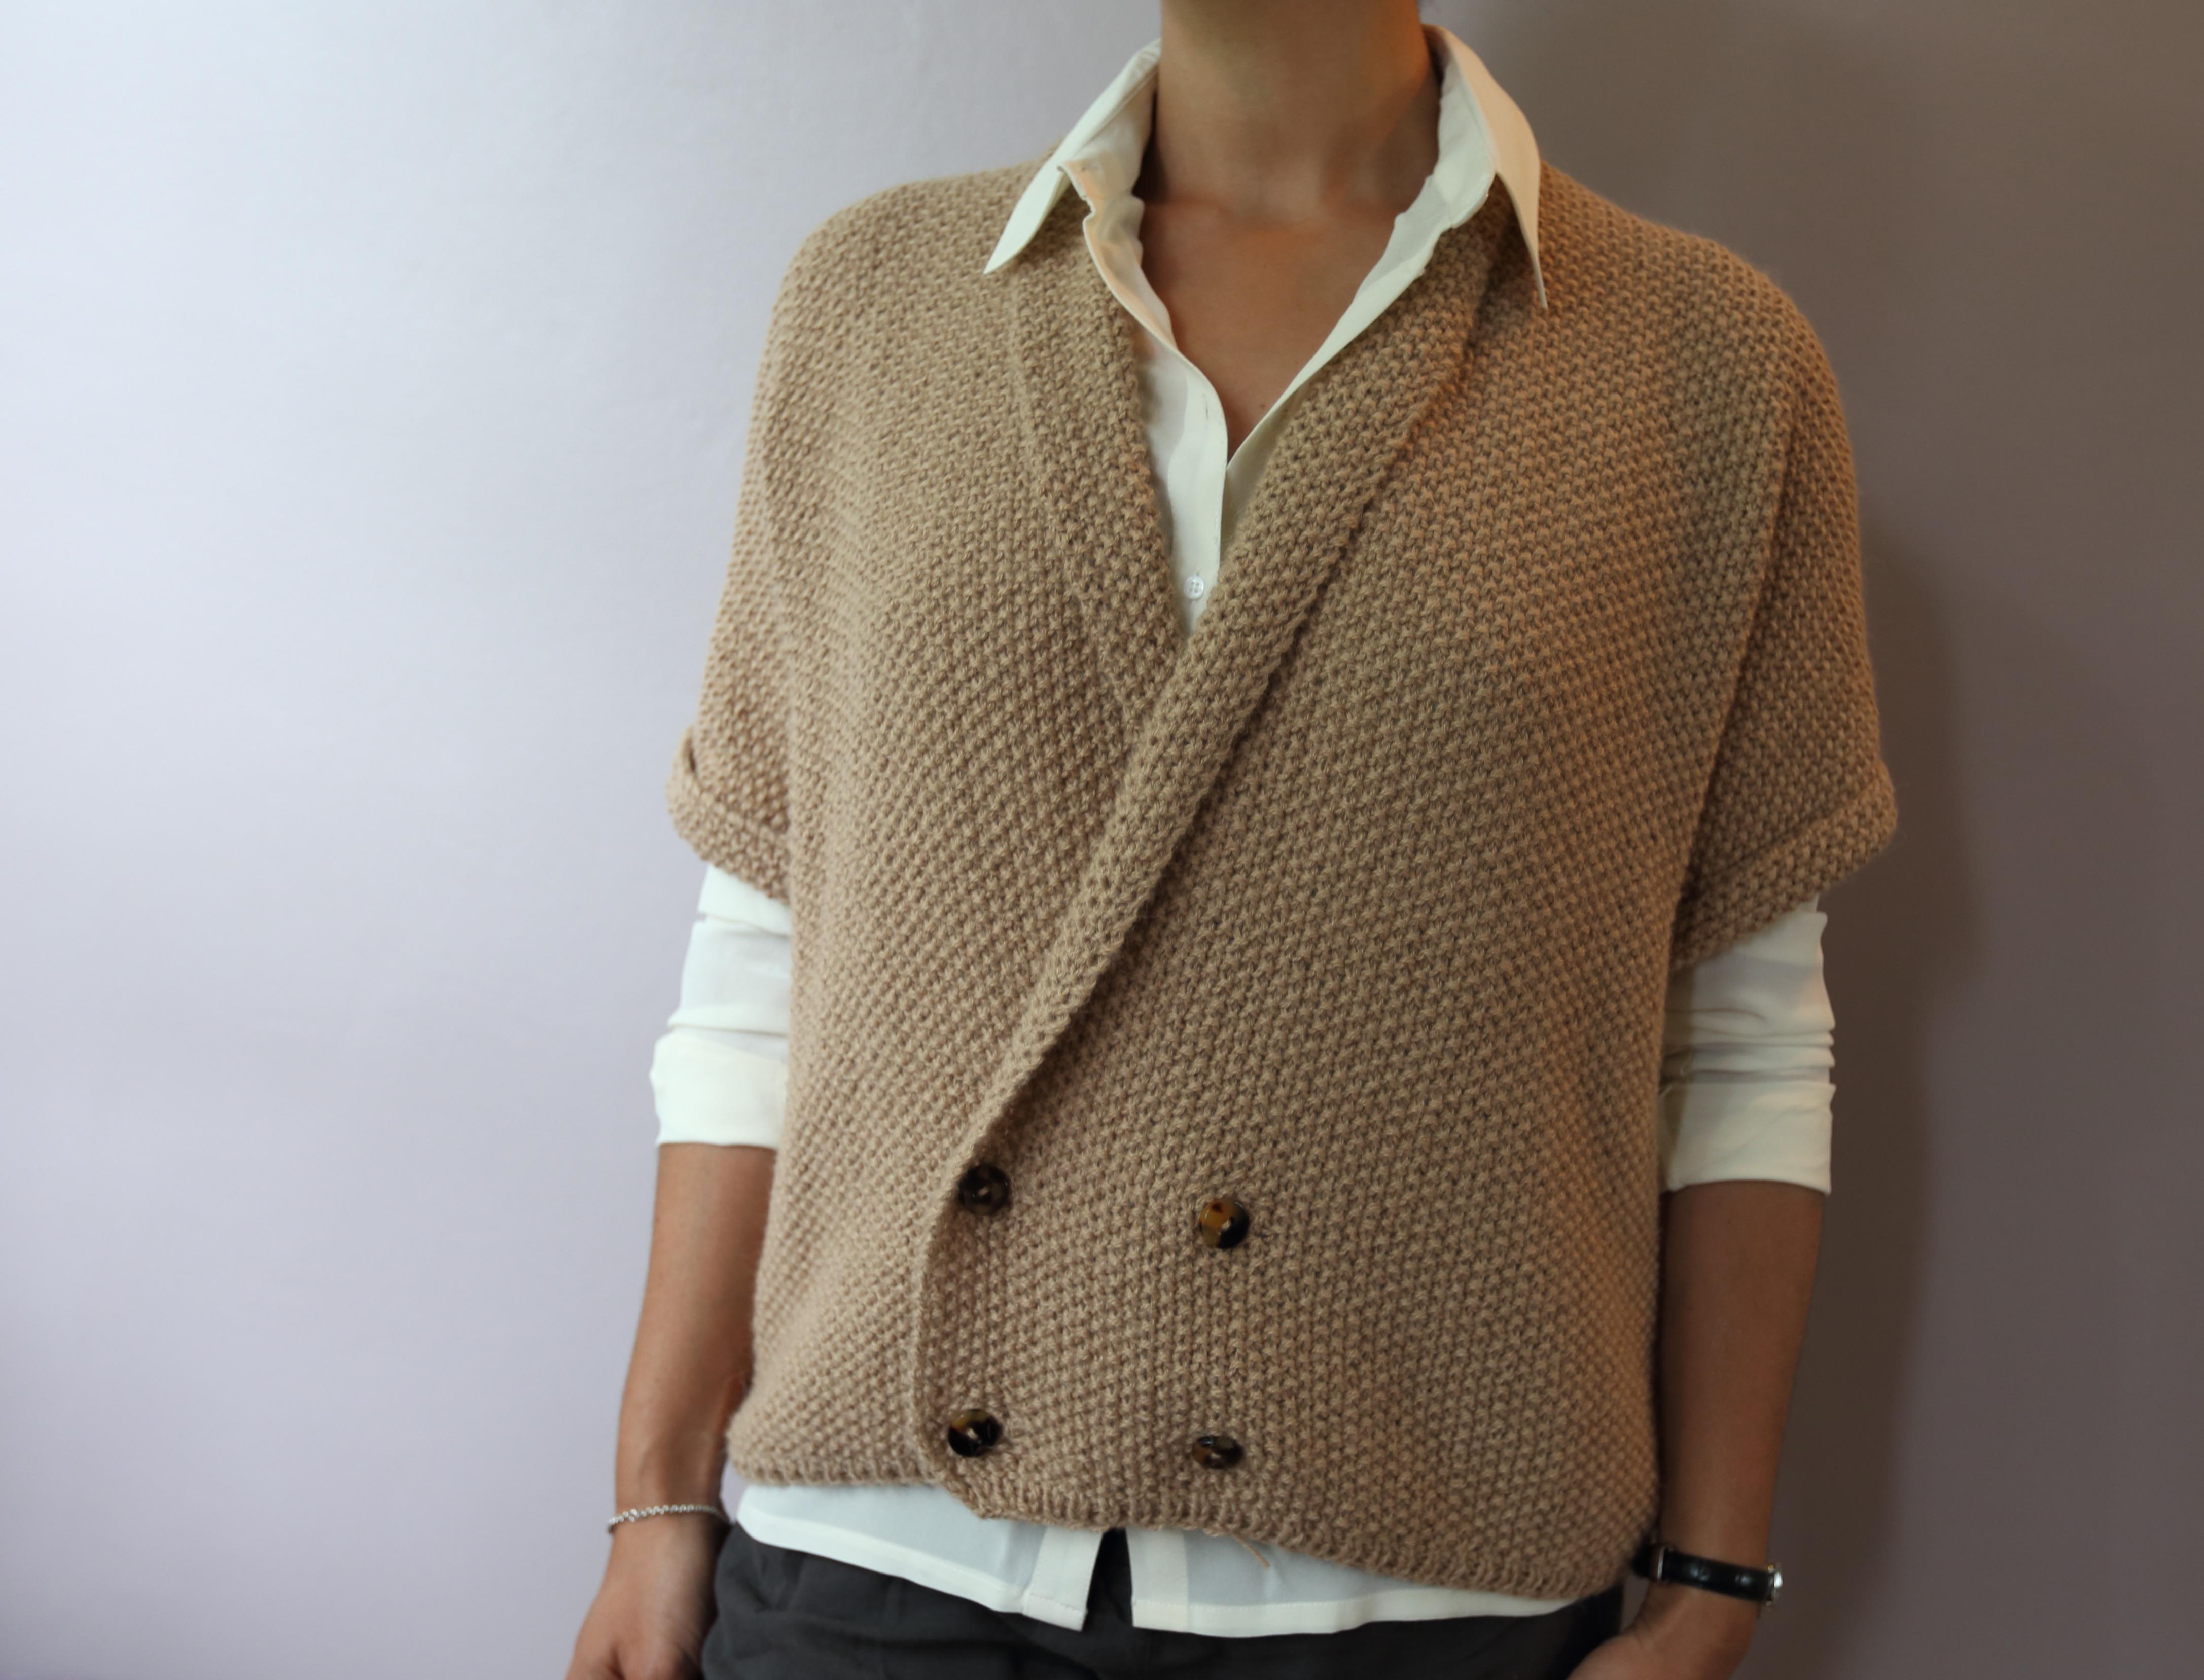 modele gilet tricot aiguille 6